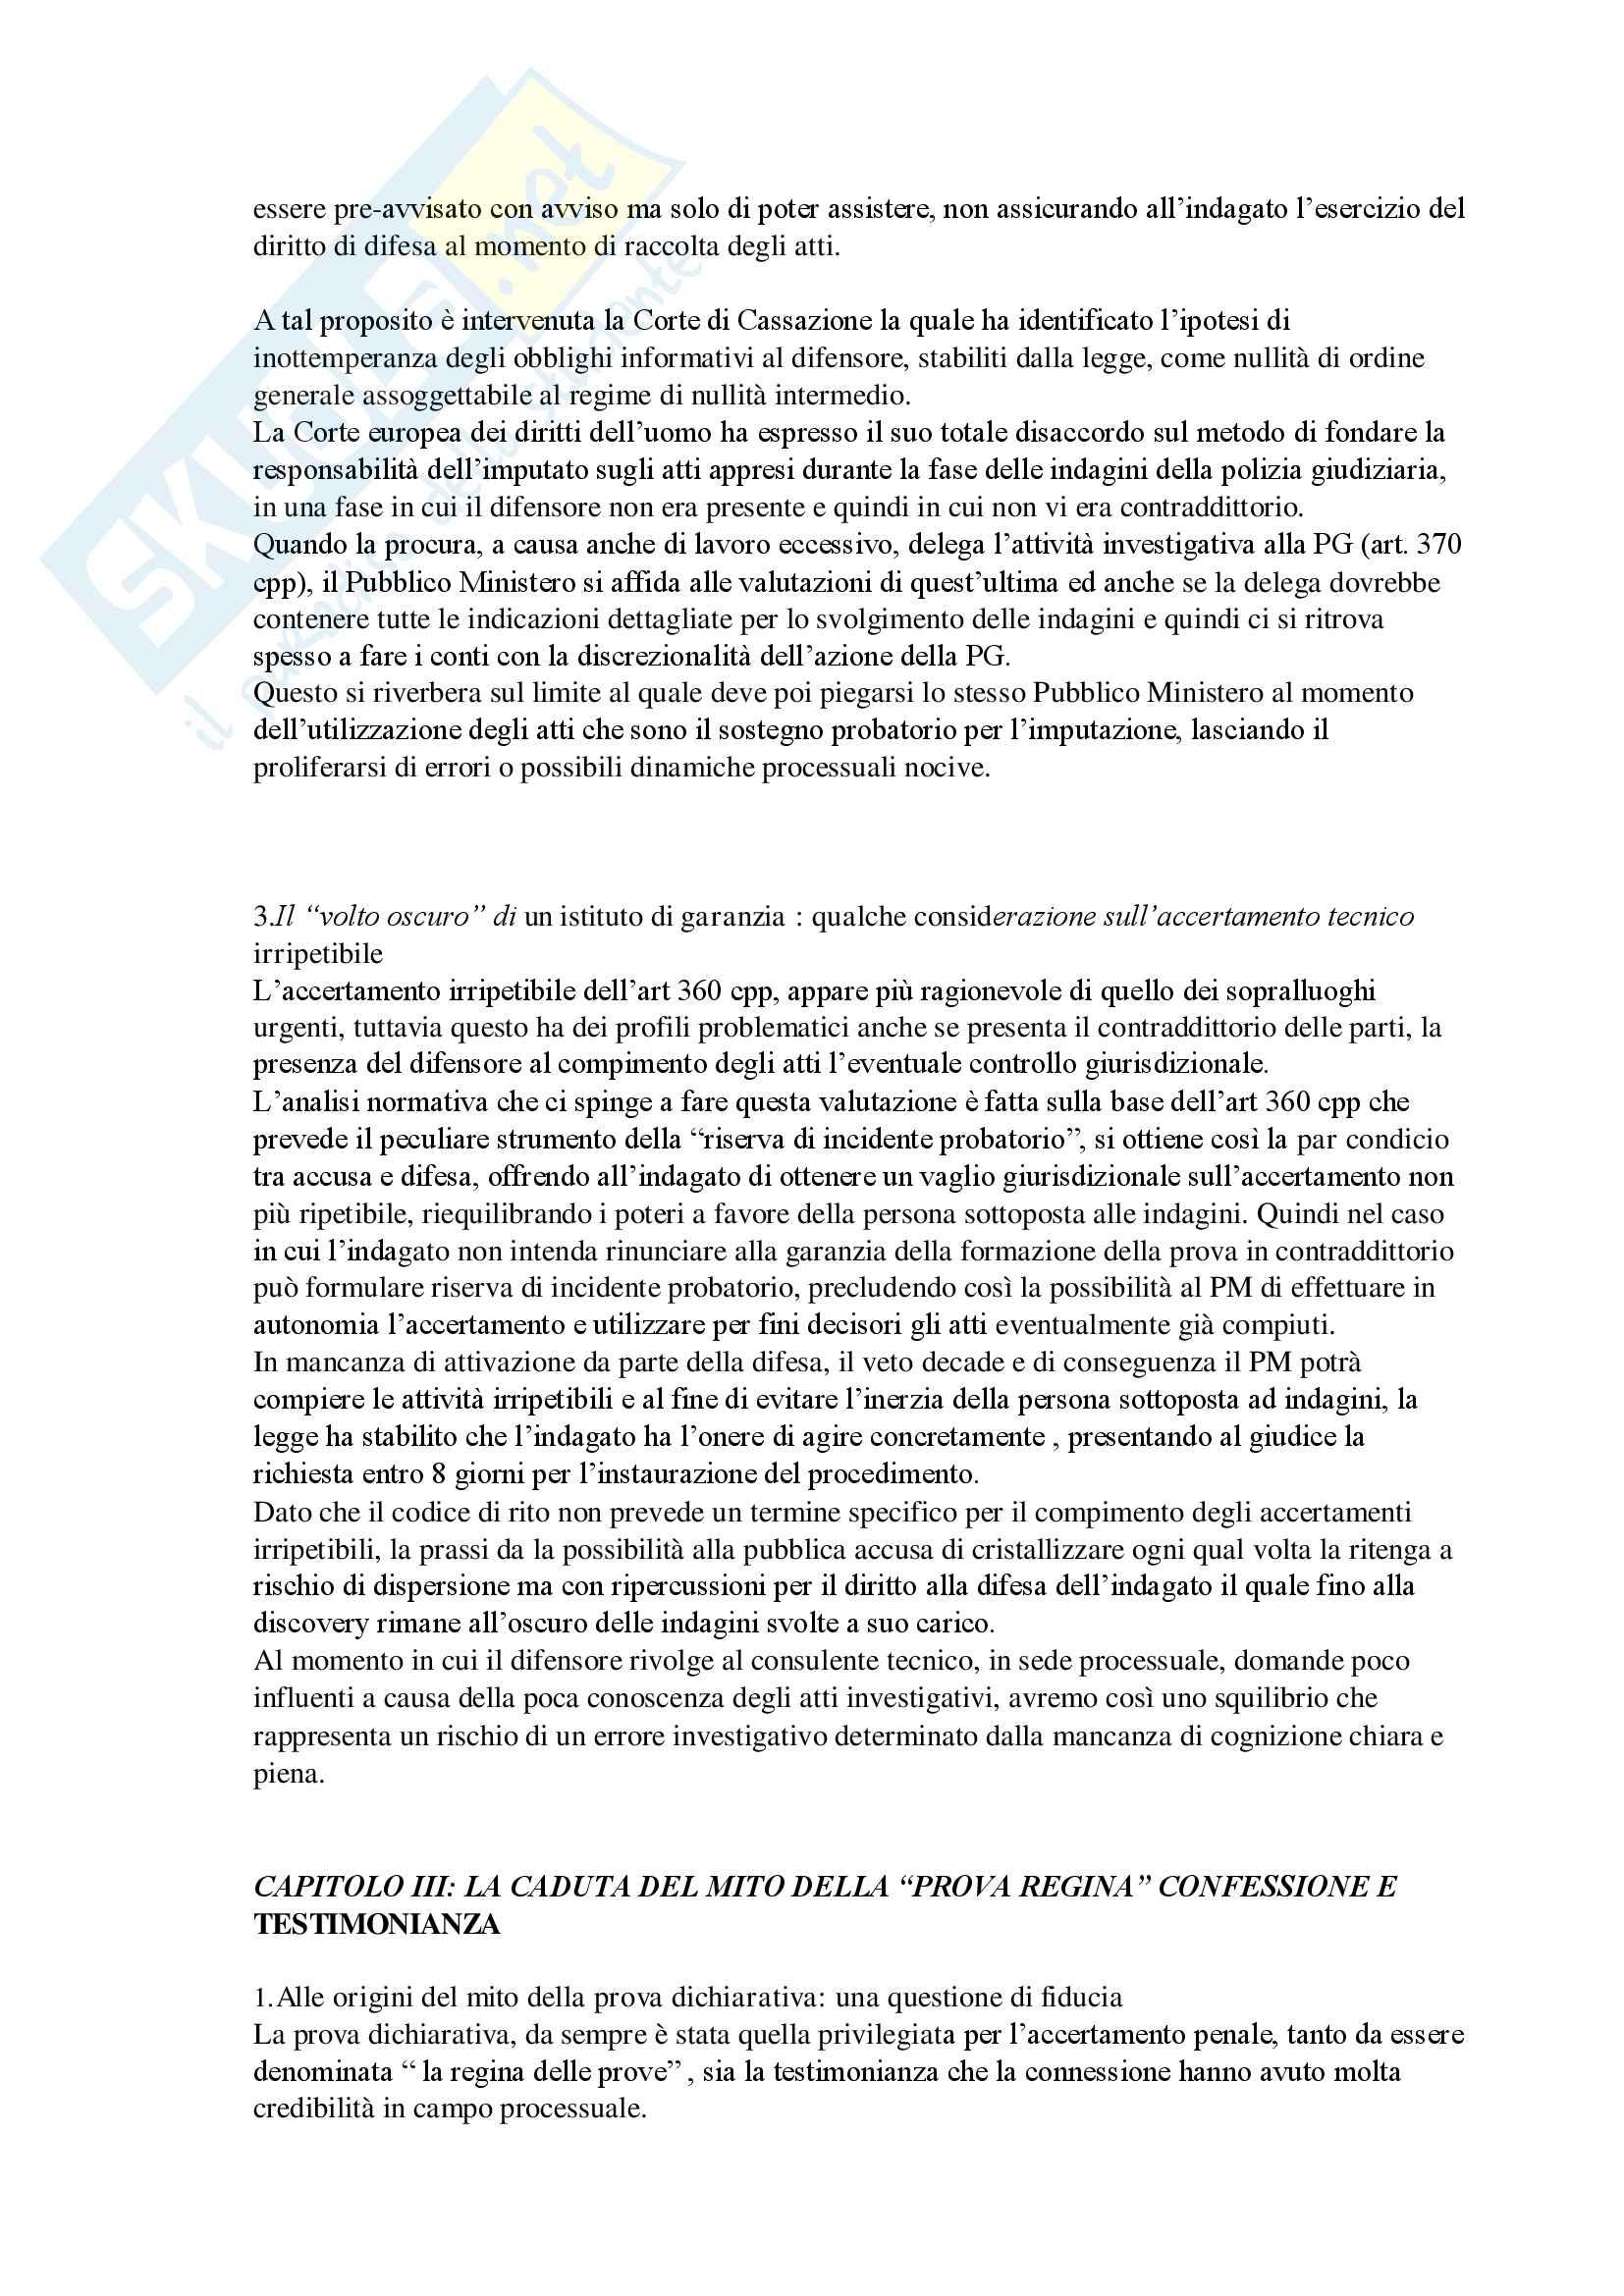 Appunto con sunto per l'esame di procedura penale del prof Marafioti/Paolozzi/Luparia. libro consigliato: Errore giudiziario e background processuale Pag. 6